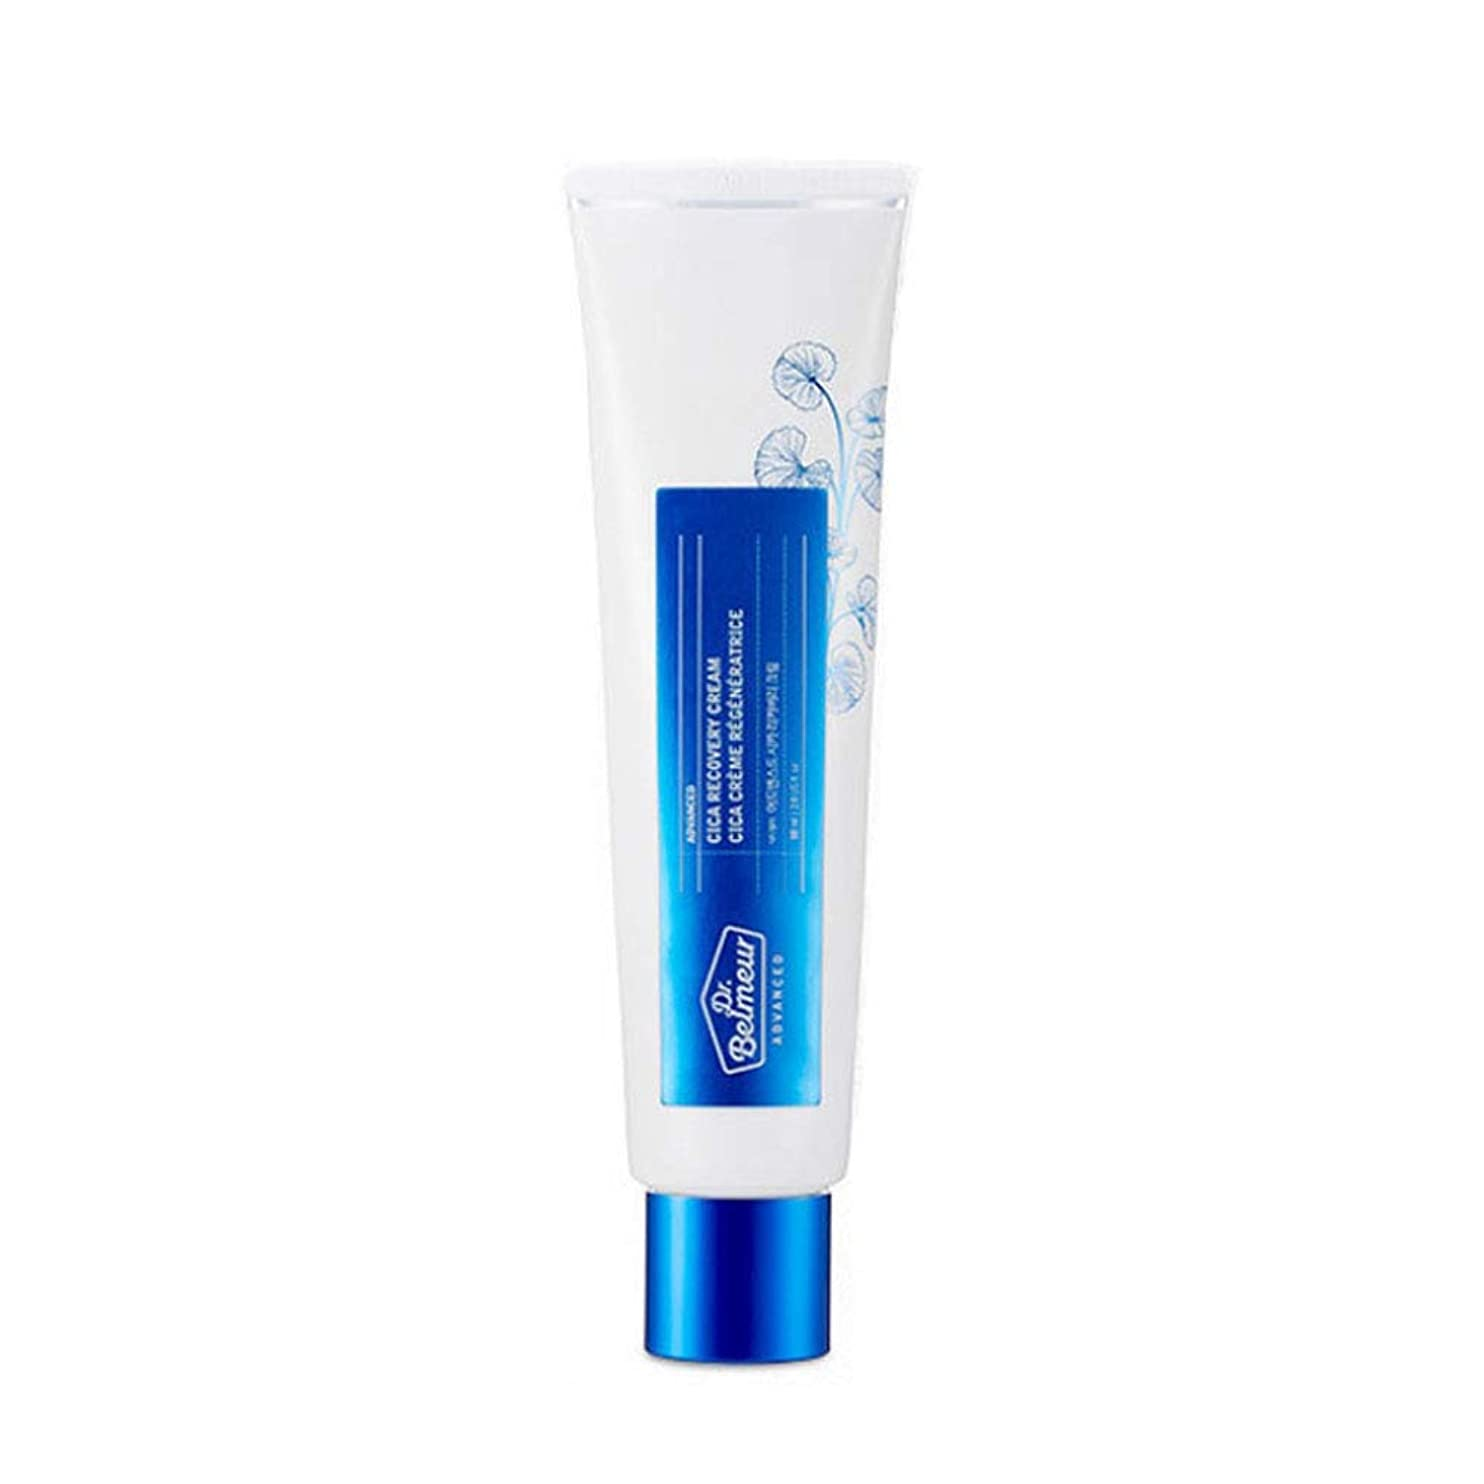 波シットコムサーマルザ?フェイスショップドクターベルモアドバンスドシカリカバリークリーム60ml 韓国コスメ、The Face Shop Dr.Belmeur Advanced Cica Recovery Cream 60ml Korean Cosmetics [並行輸入品]